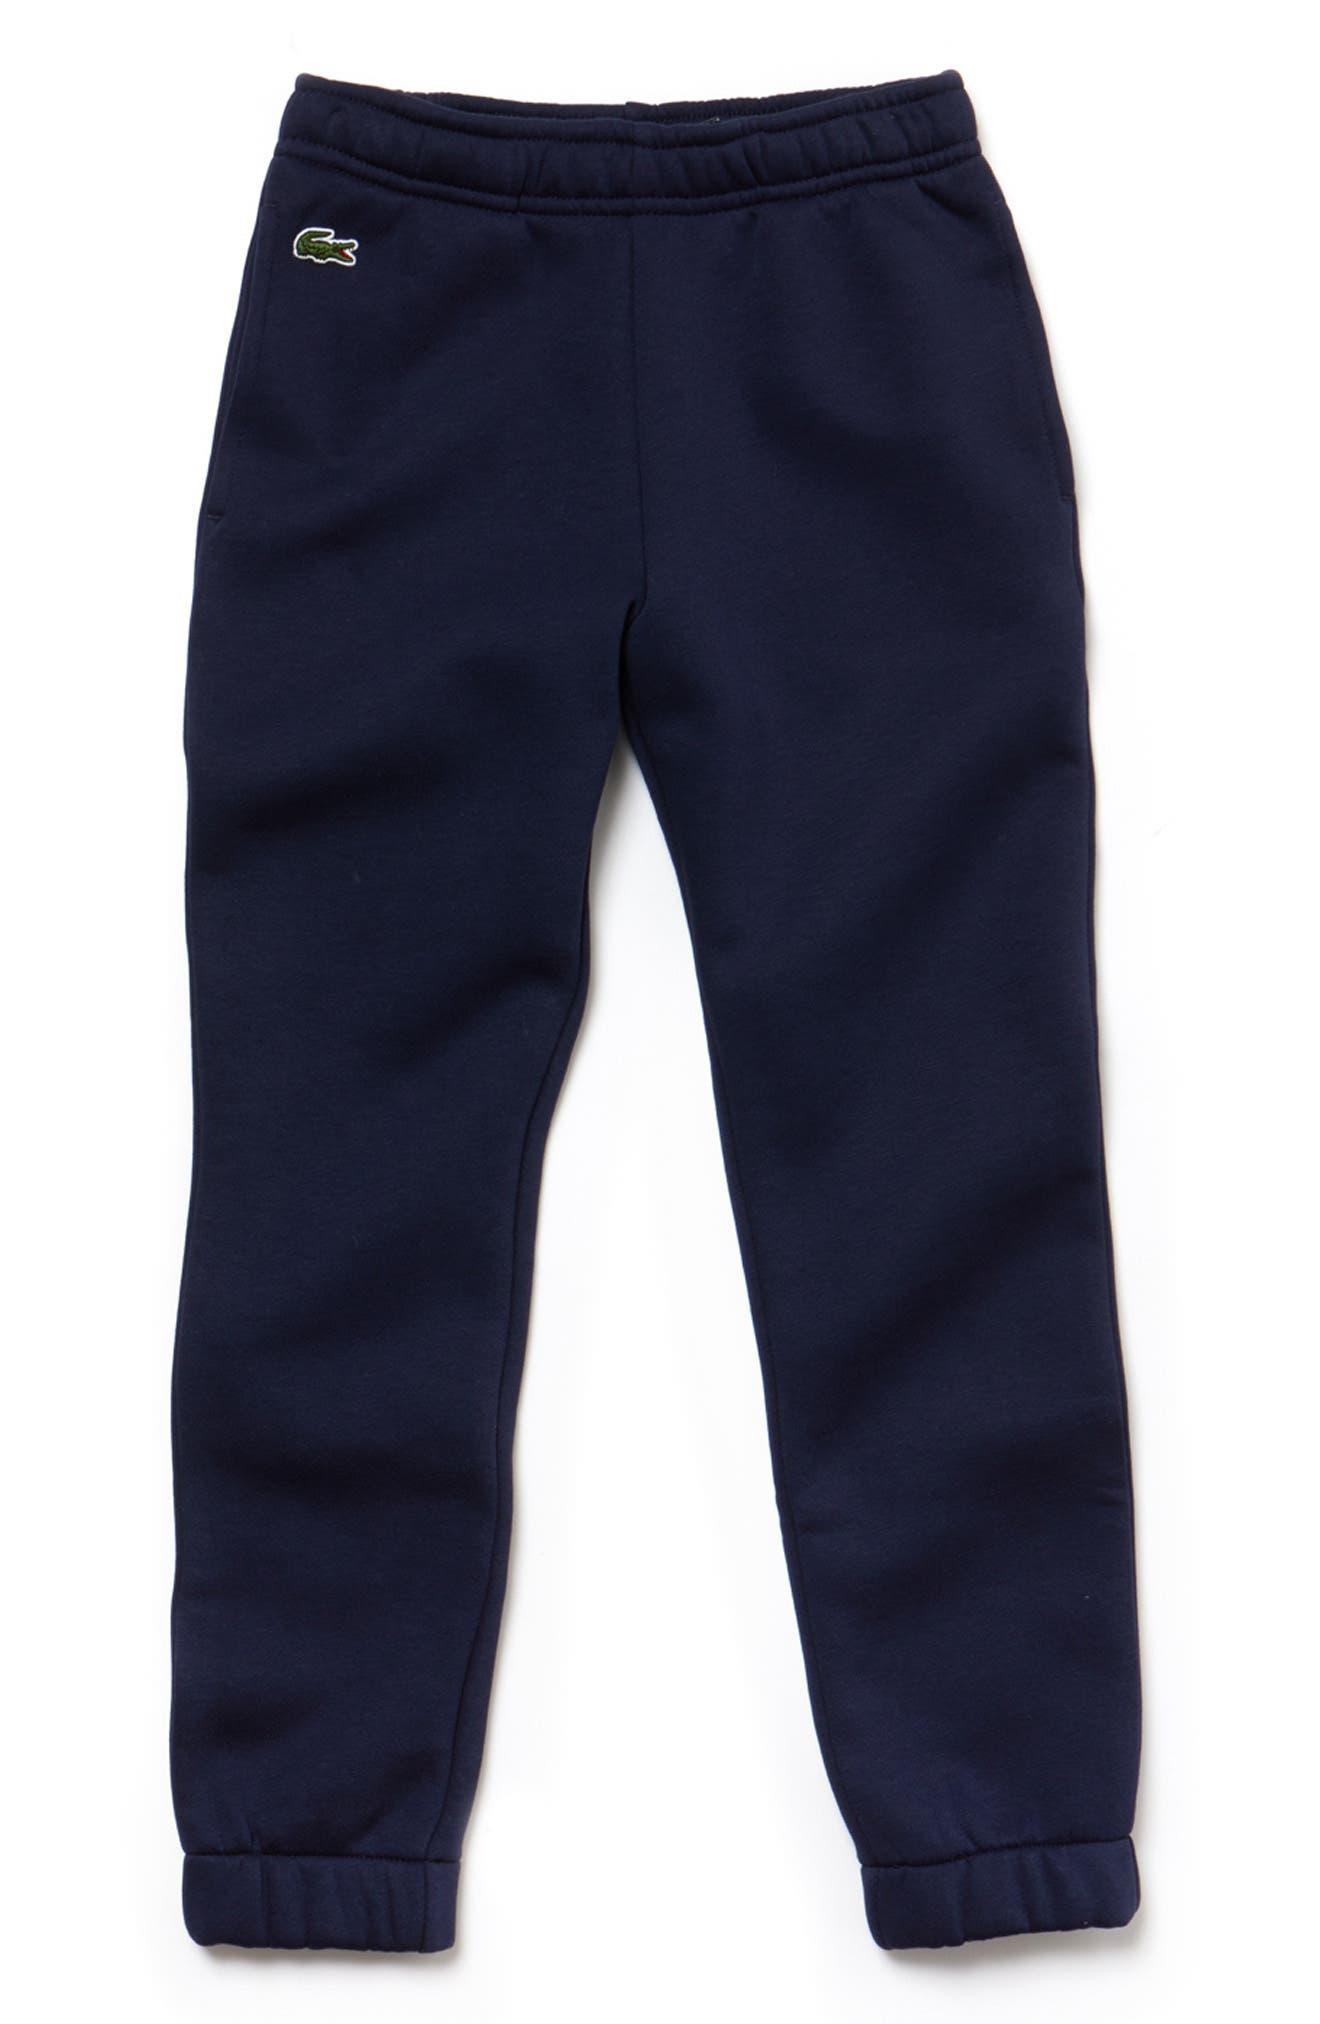 Boys Lacoste Fleece Pants Size 16Y  Blue